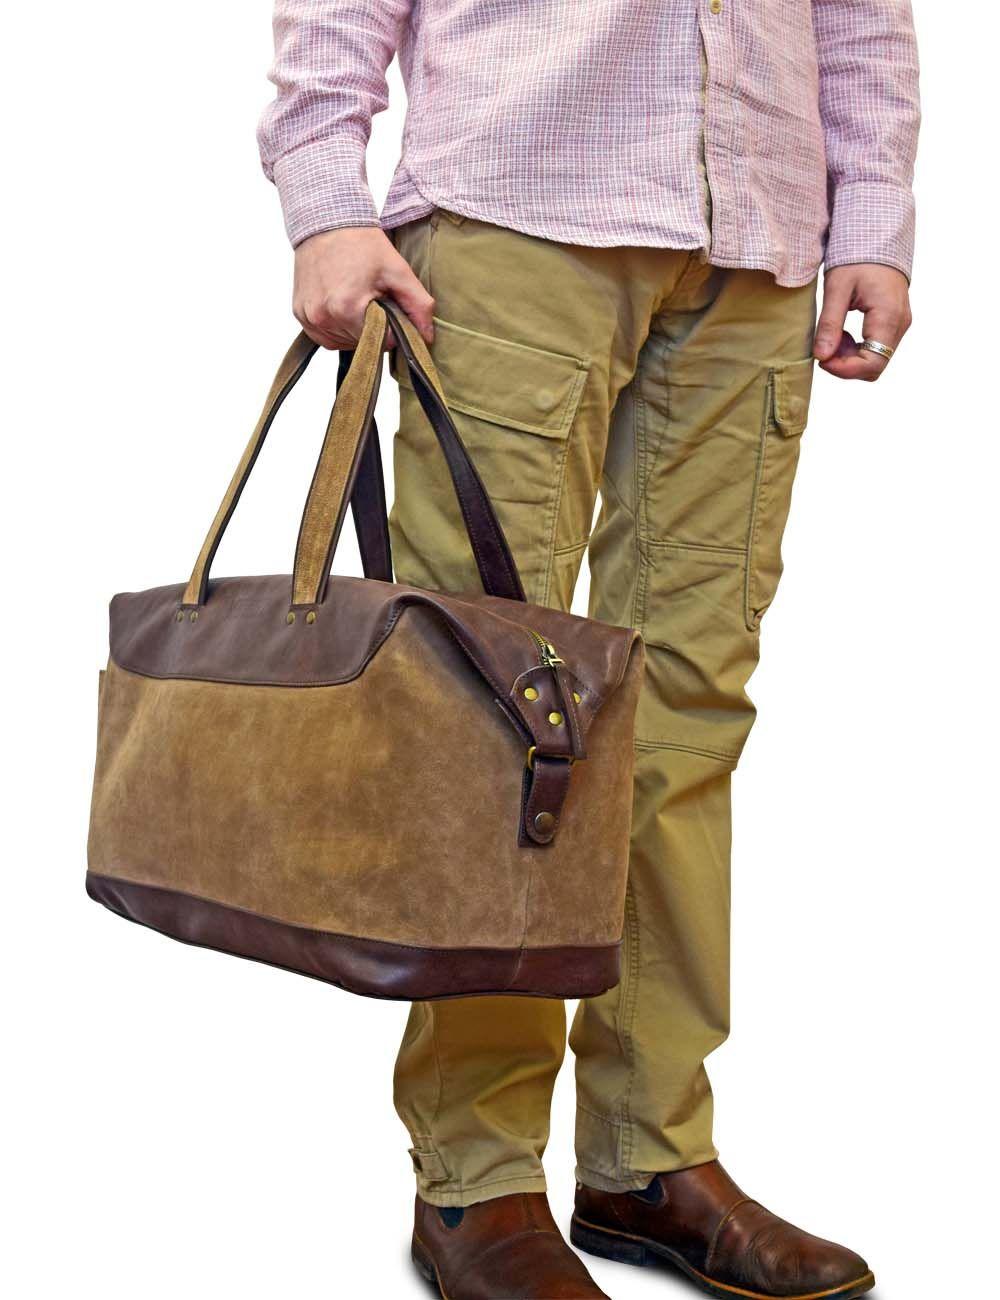 fa7d73d7c6e7 Дорожная сумка из натуральной кожи и замши средних размеров. МАТЕРИАЛ   Натуральная кожа, натуральный